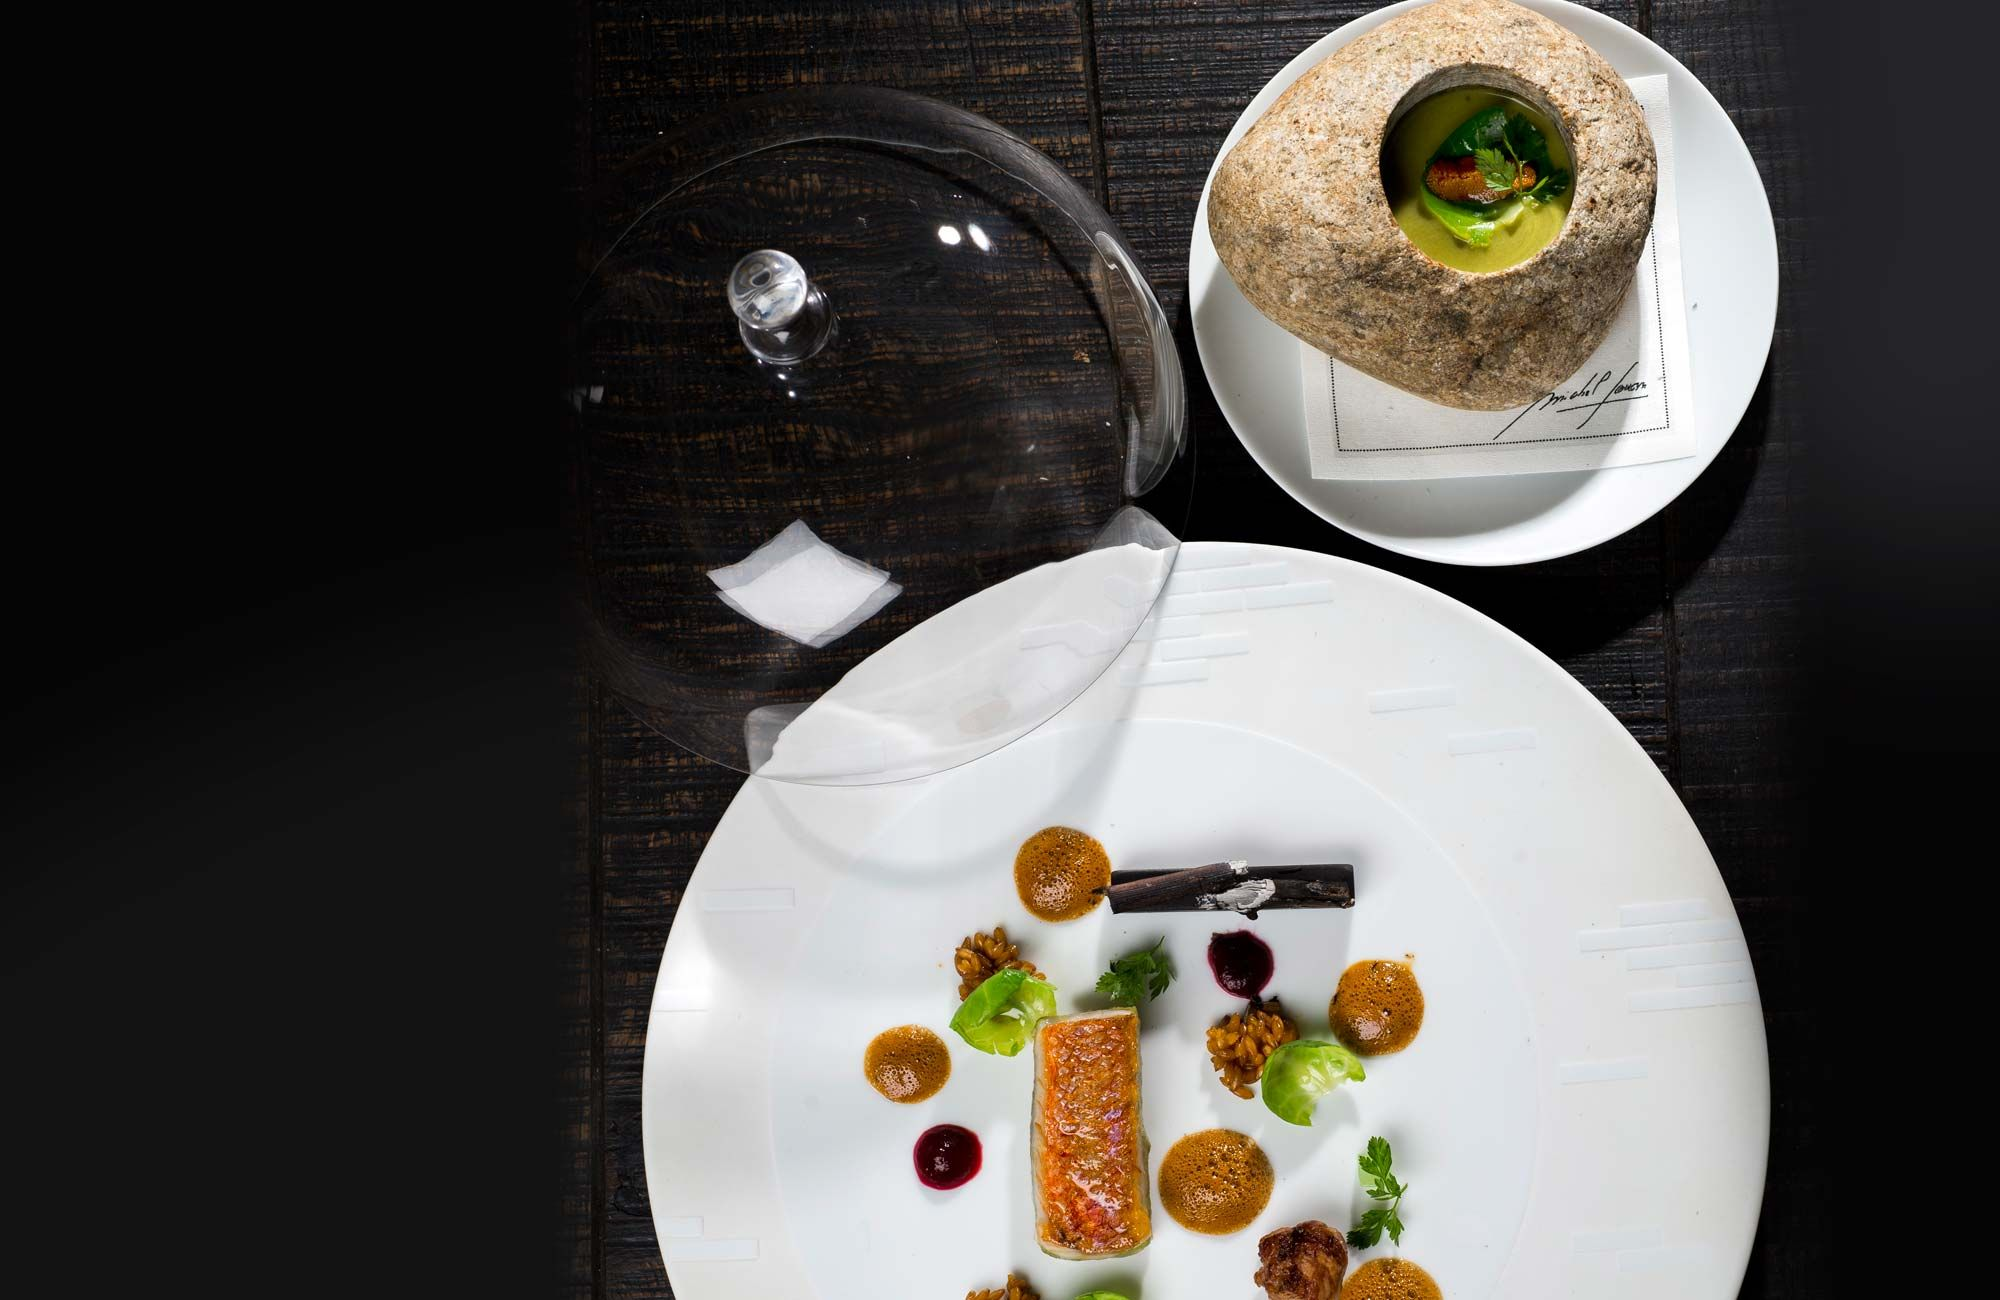 Restaurant gastronomique Michel SARRAN  #SafranParis #MichelSarran #Assiettes #Porcelaine #CollectionPrivée #Gastronomie #Gastronomy